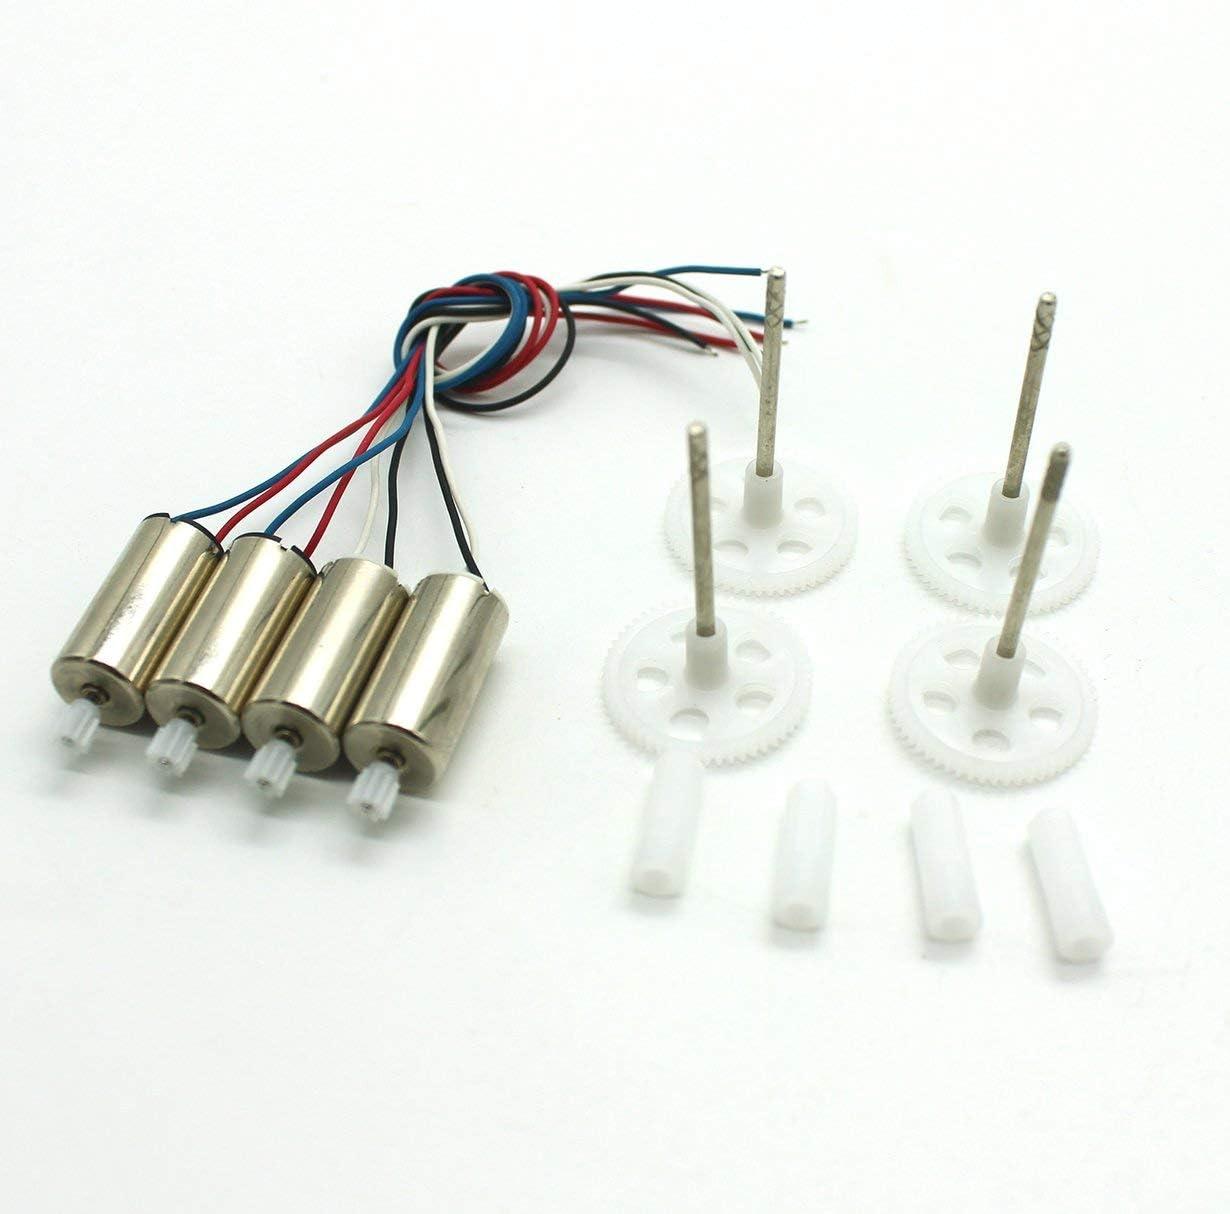 plexiglass XT 110*104 mm longueur 1000 mm transparente PMMA XT Tubes Tube acrylique